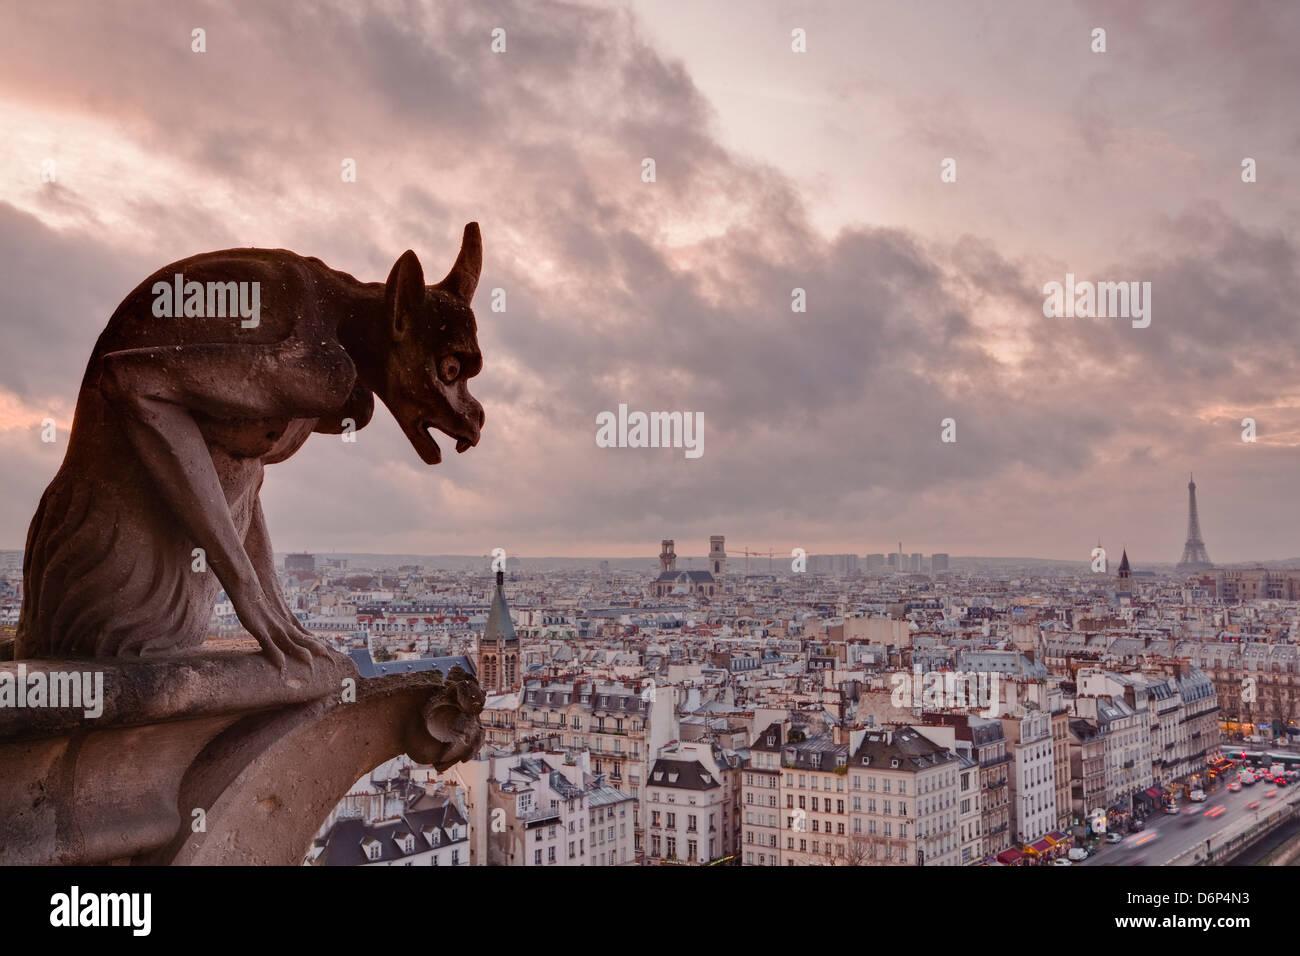 Una gárgola de Notre Dame de Paris con vistas a la ciudad, París, Francia, Europa Imagen De Stock